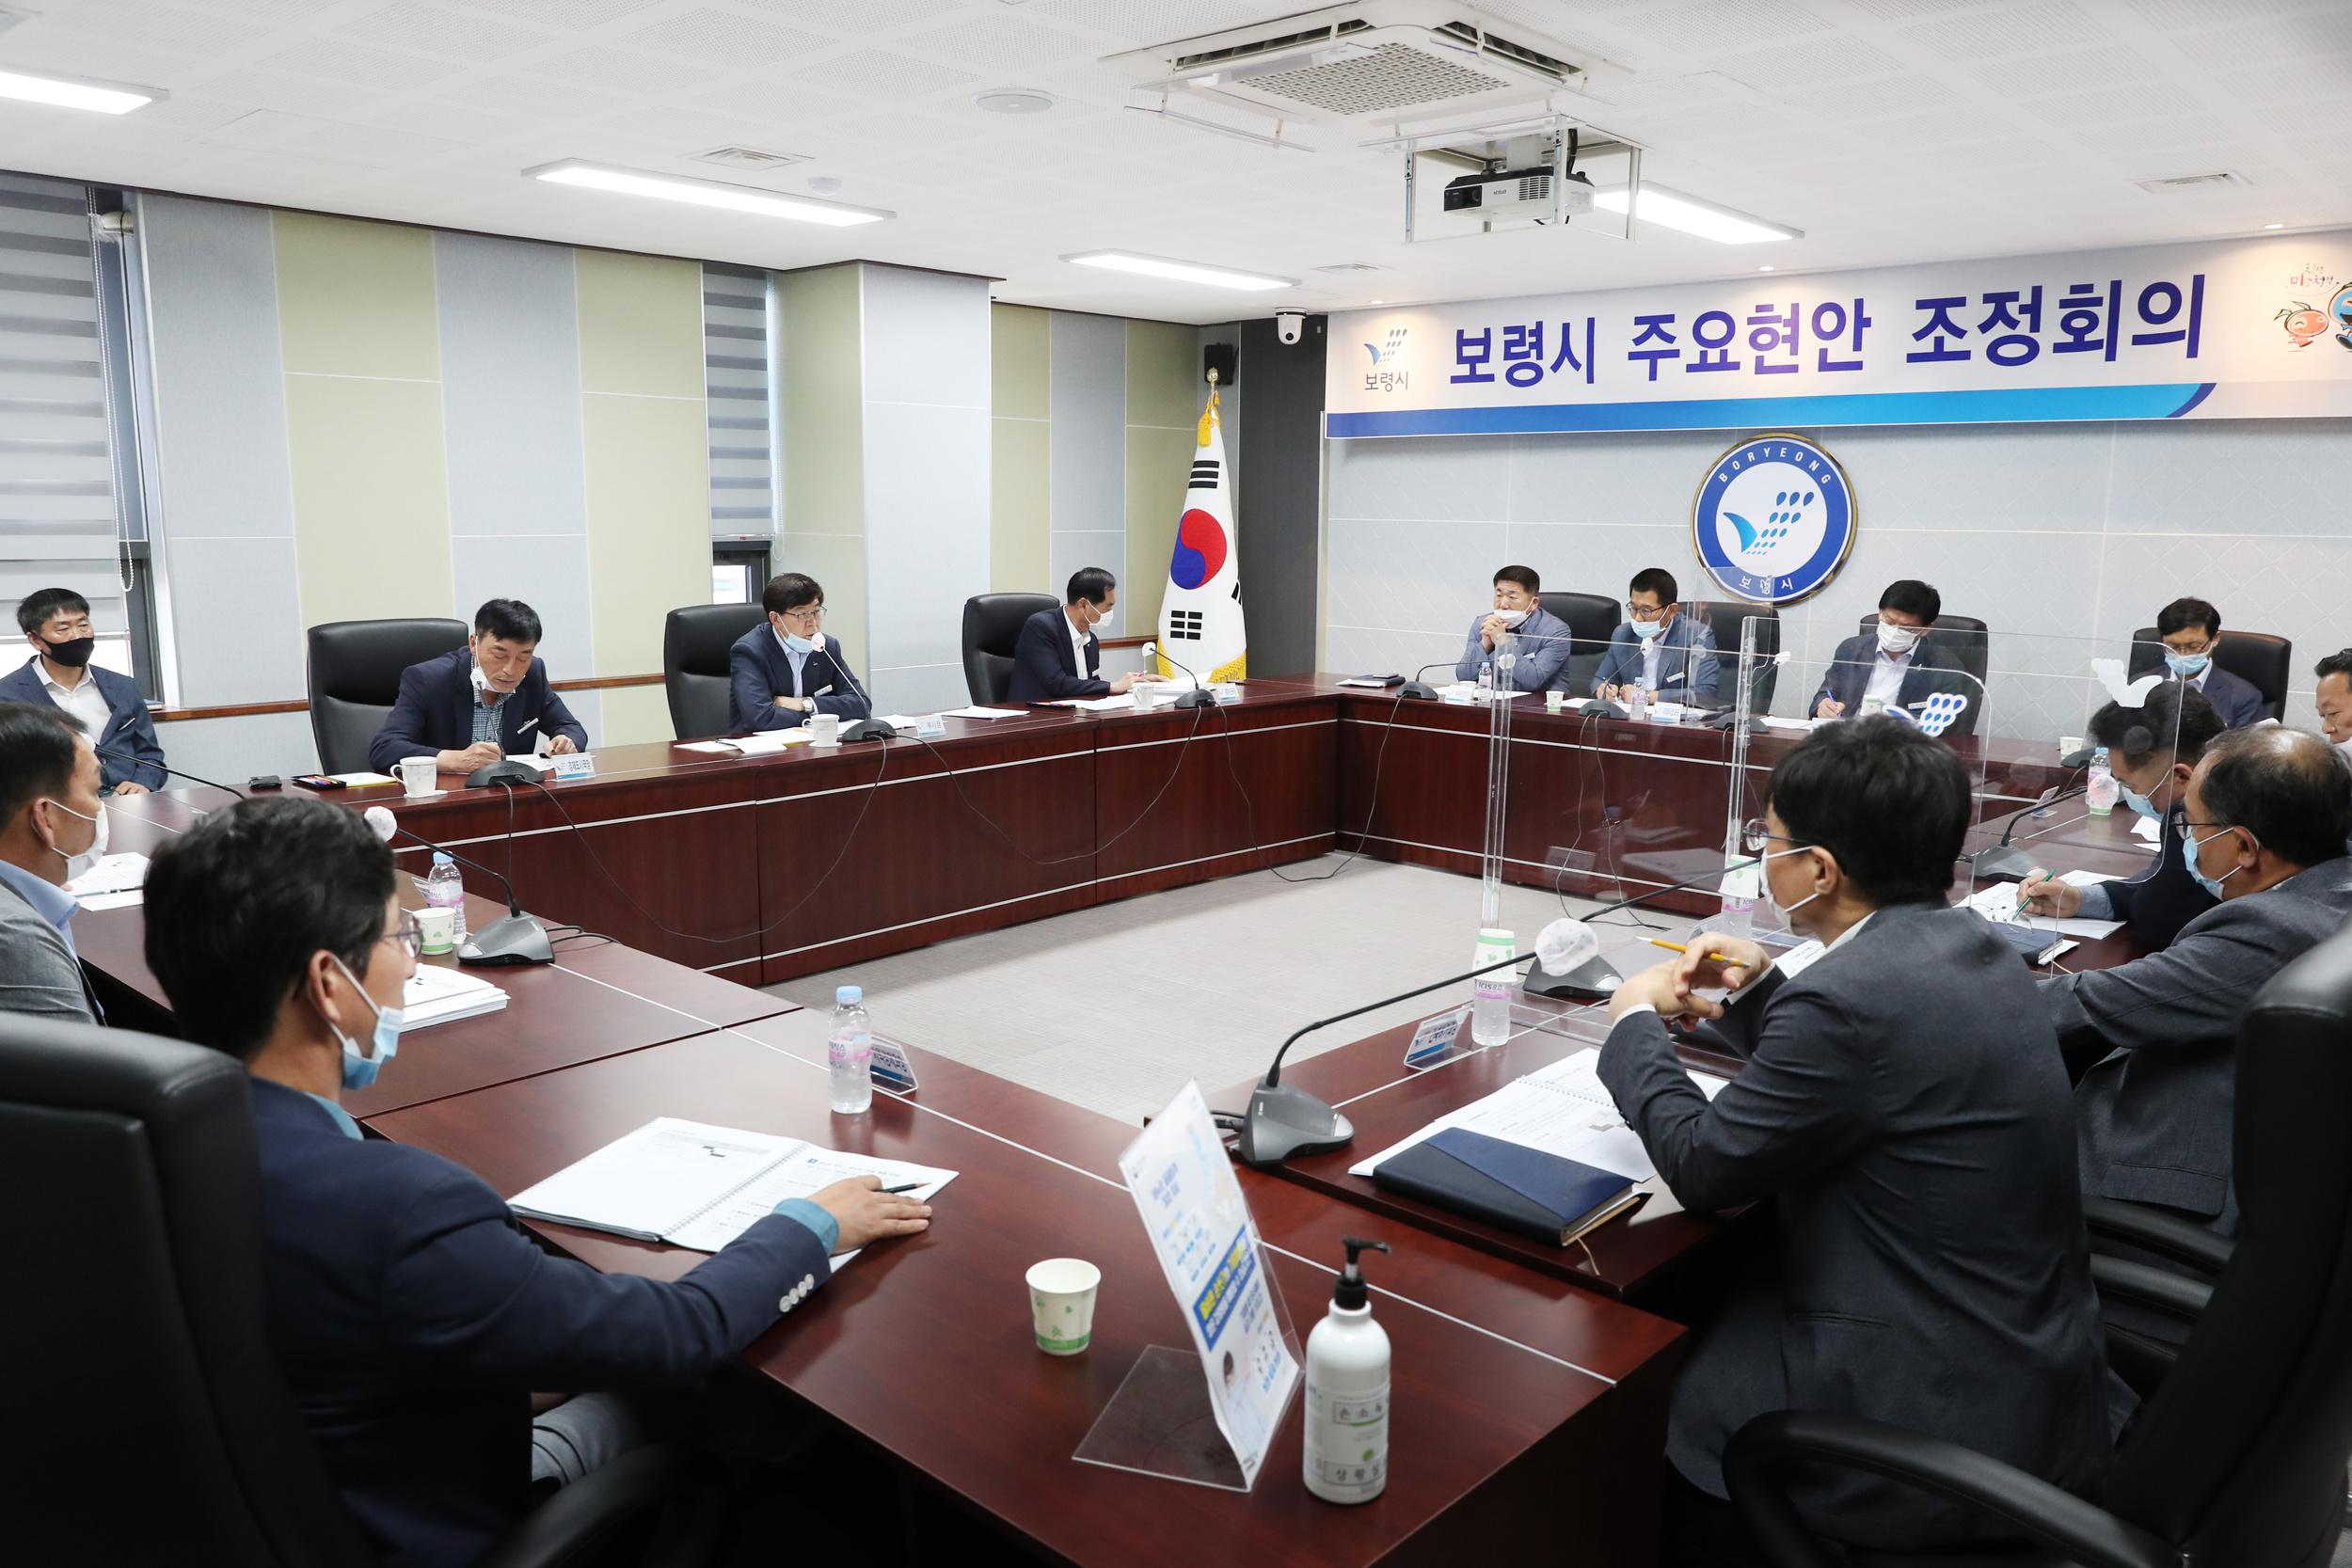 보령시, 주요현안 조정회의 개최...민원 및 주요사업 점검